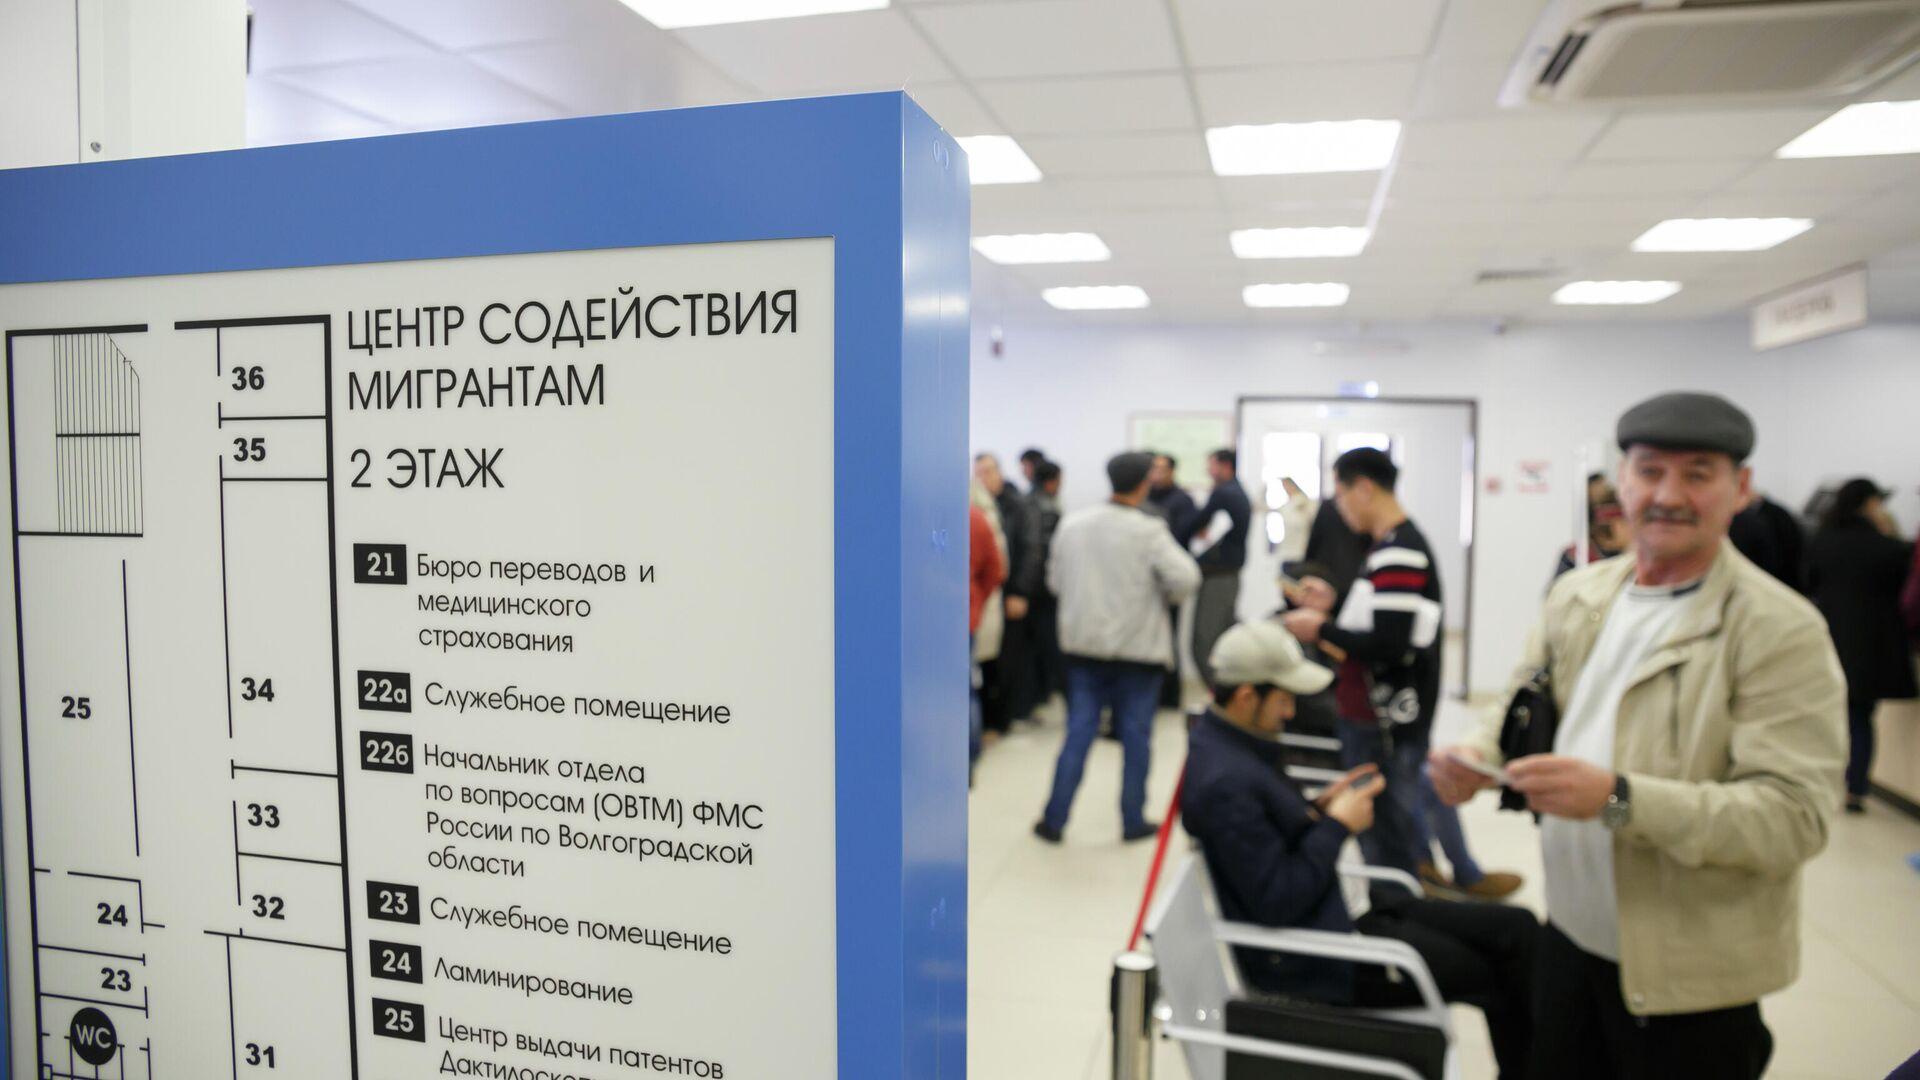 Центр содействия мигрантам в Волгограде - Sputnik Узбекистан, 1920, 01.05.2021